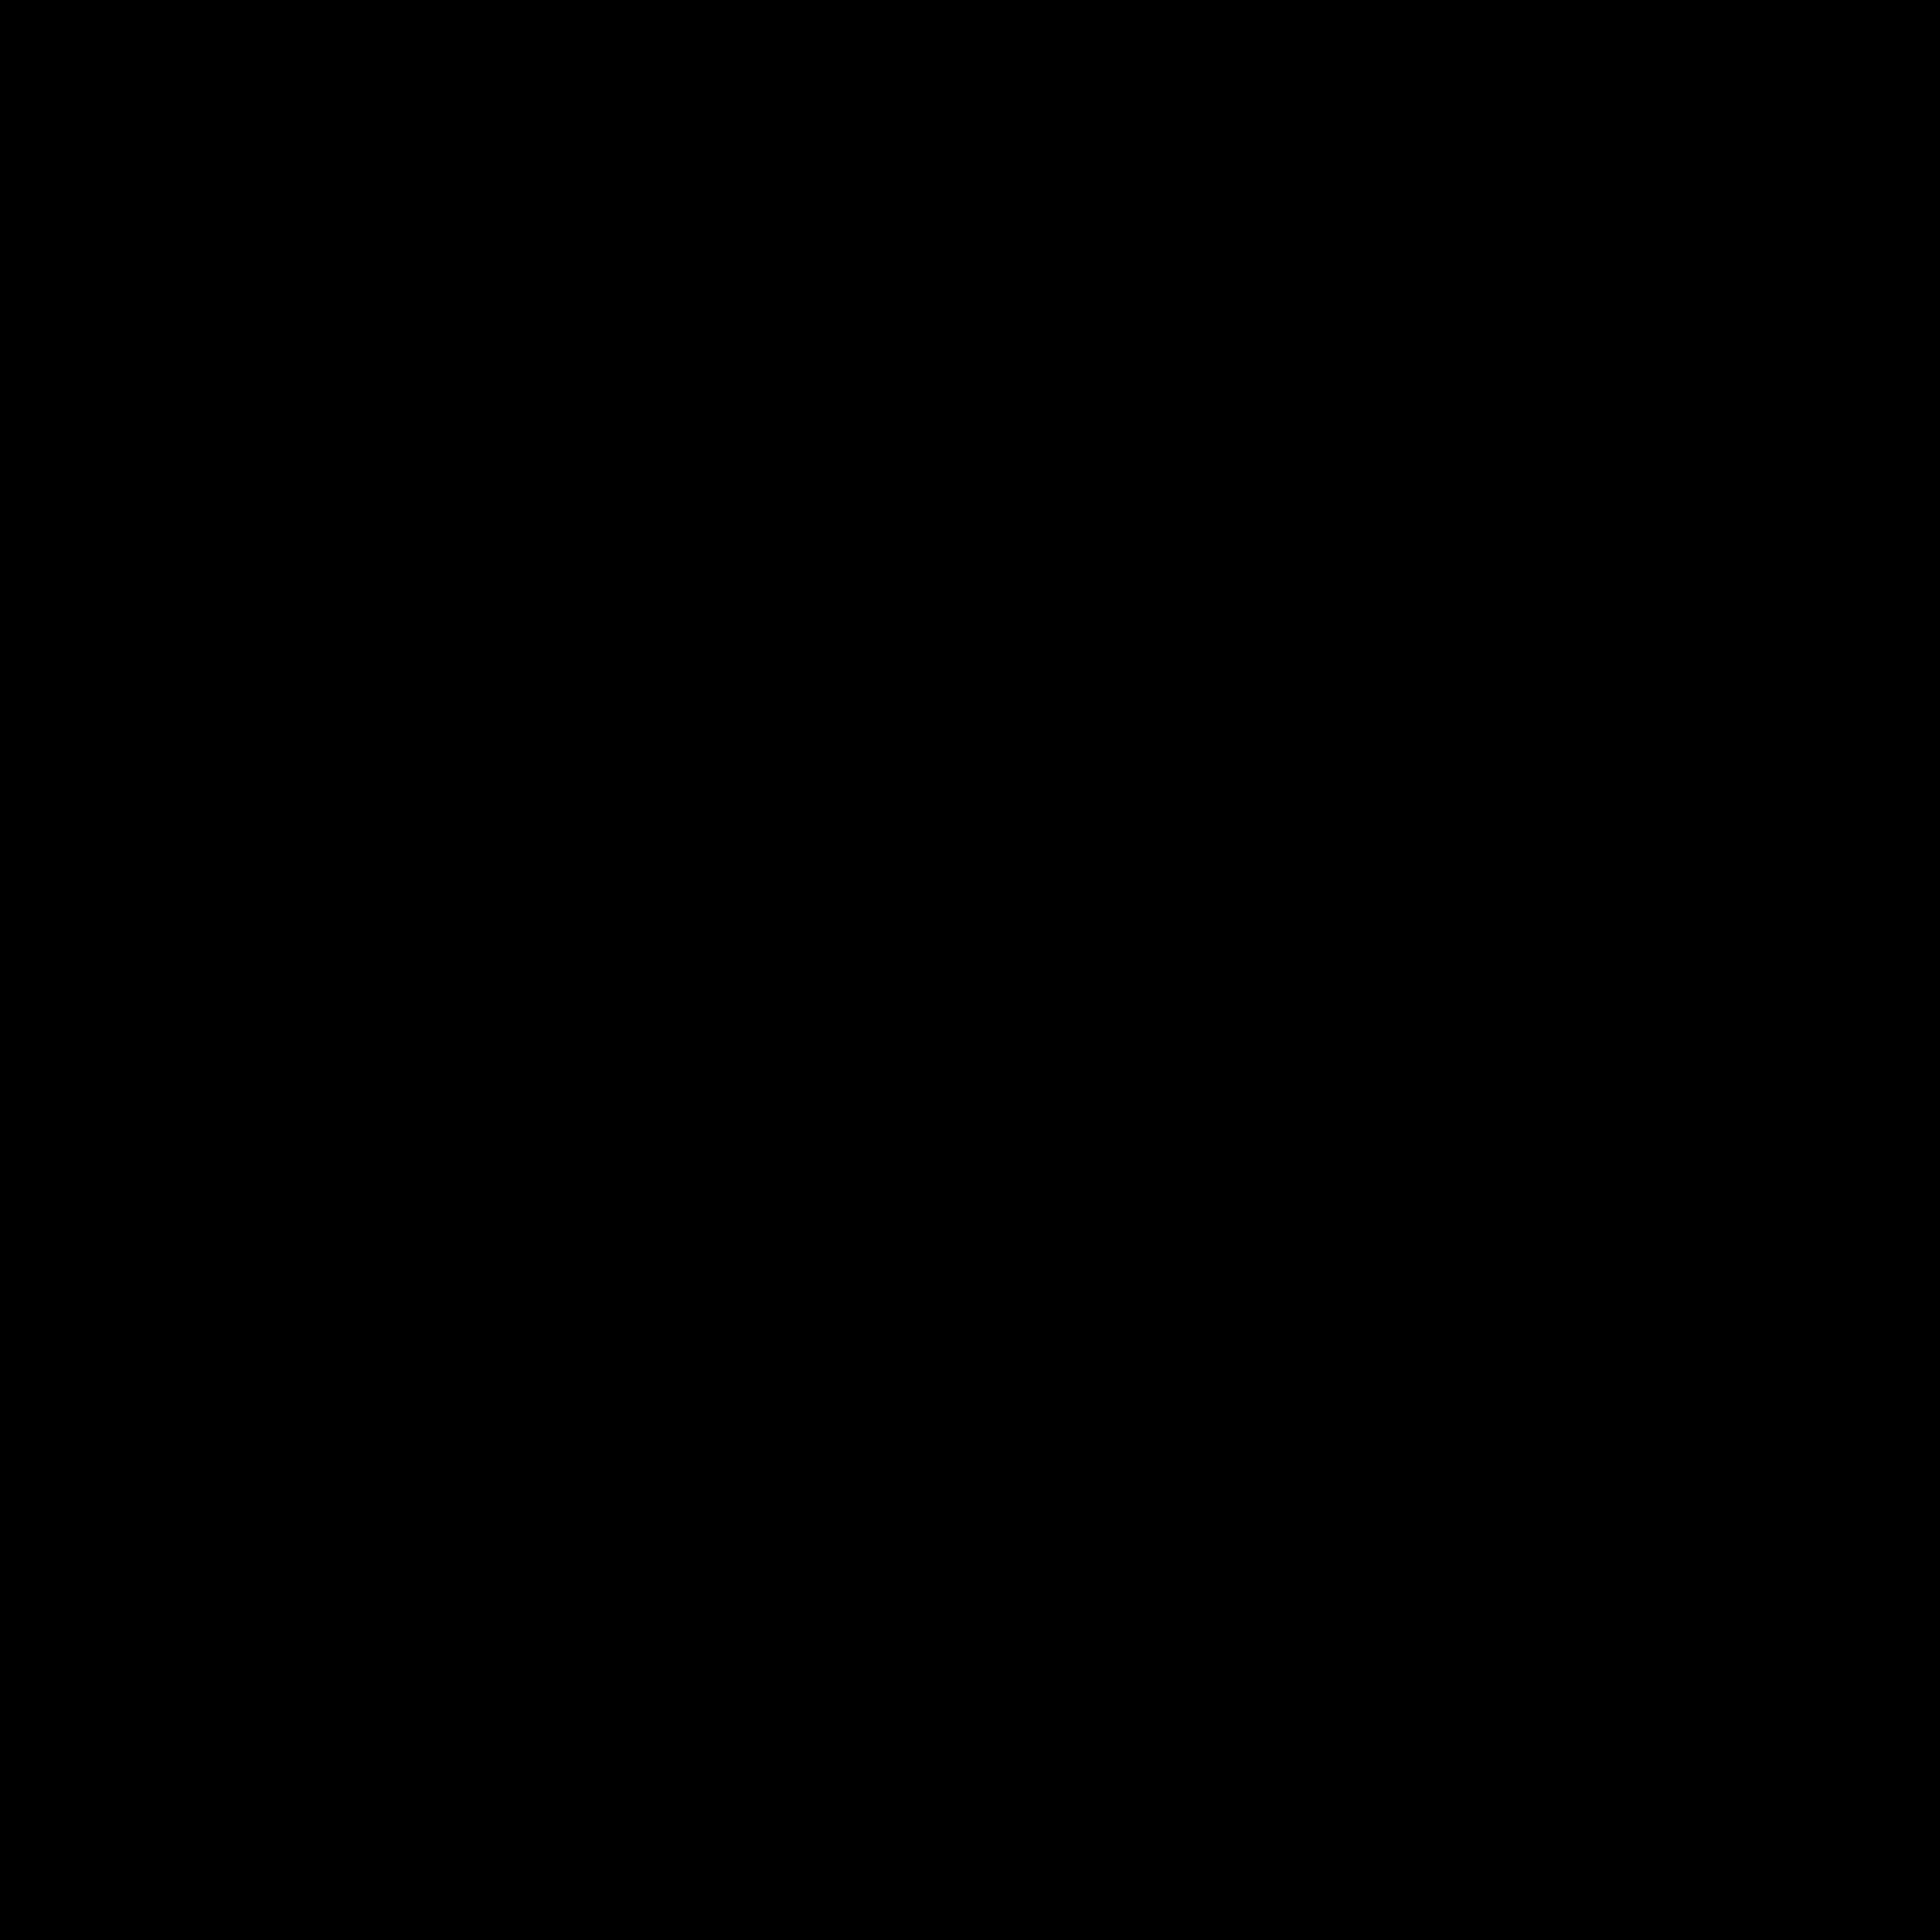 Кигинский район